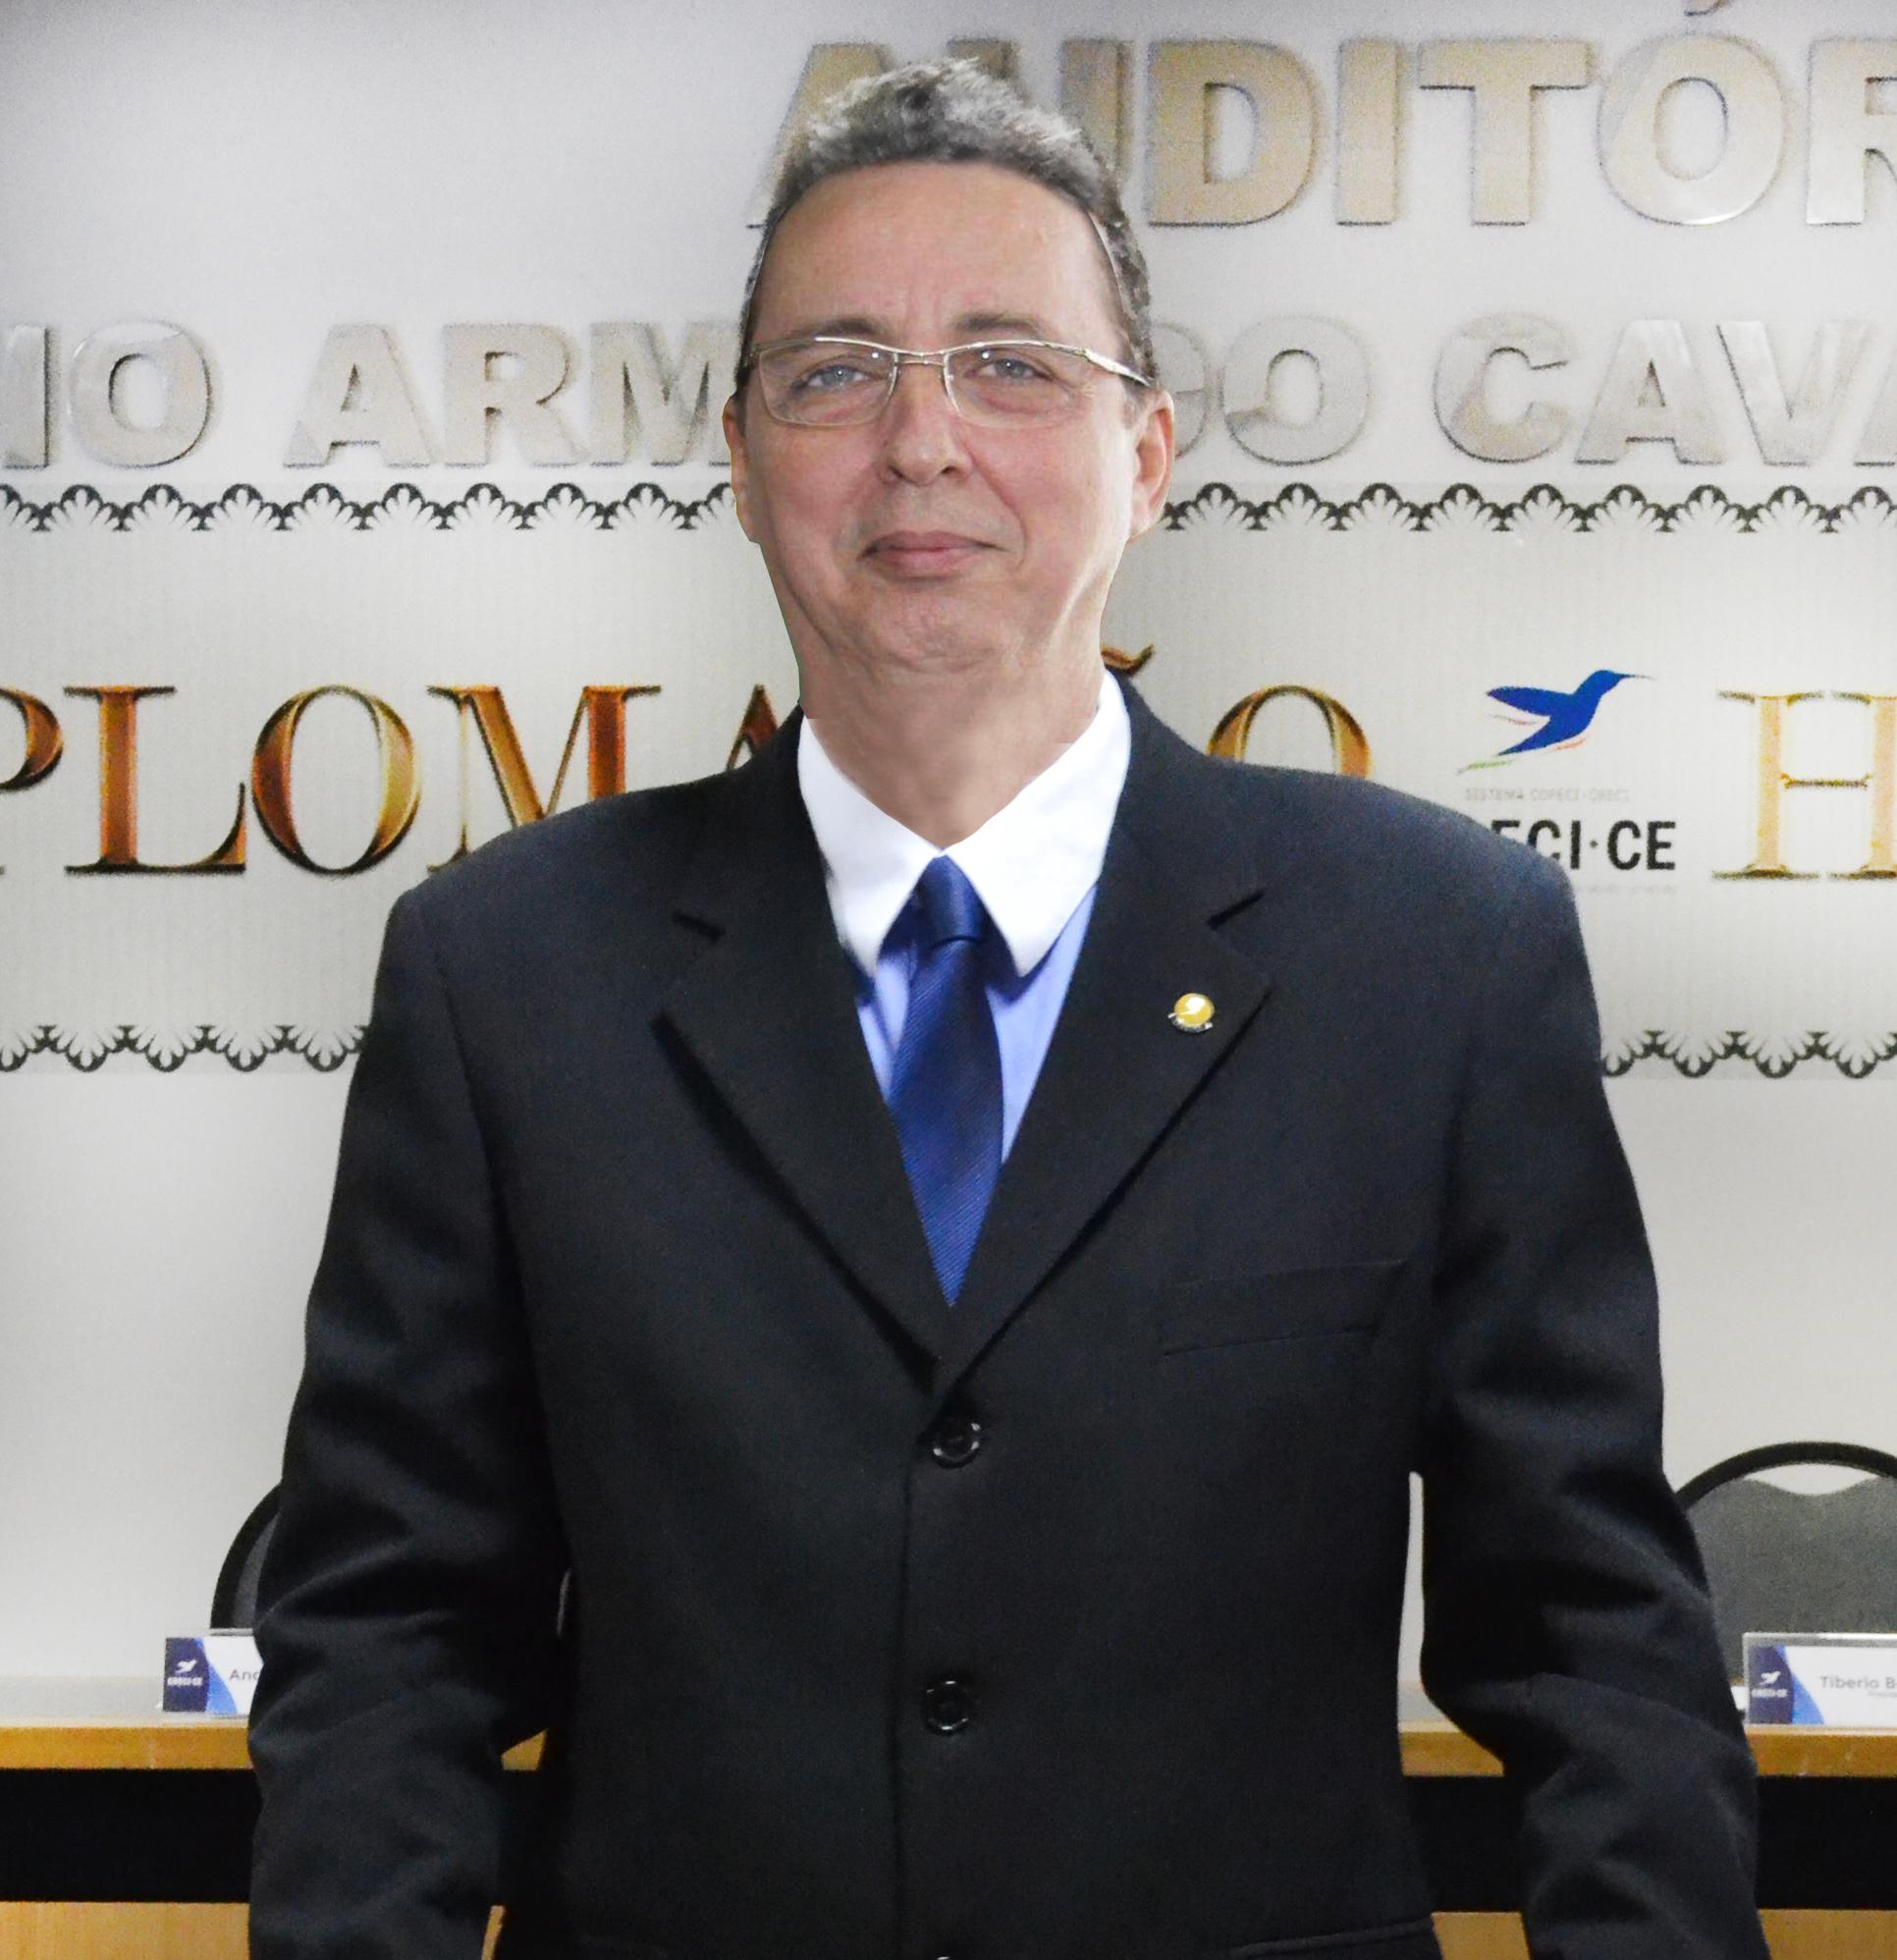 WILSON RIBEIRO PEIXOTO